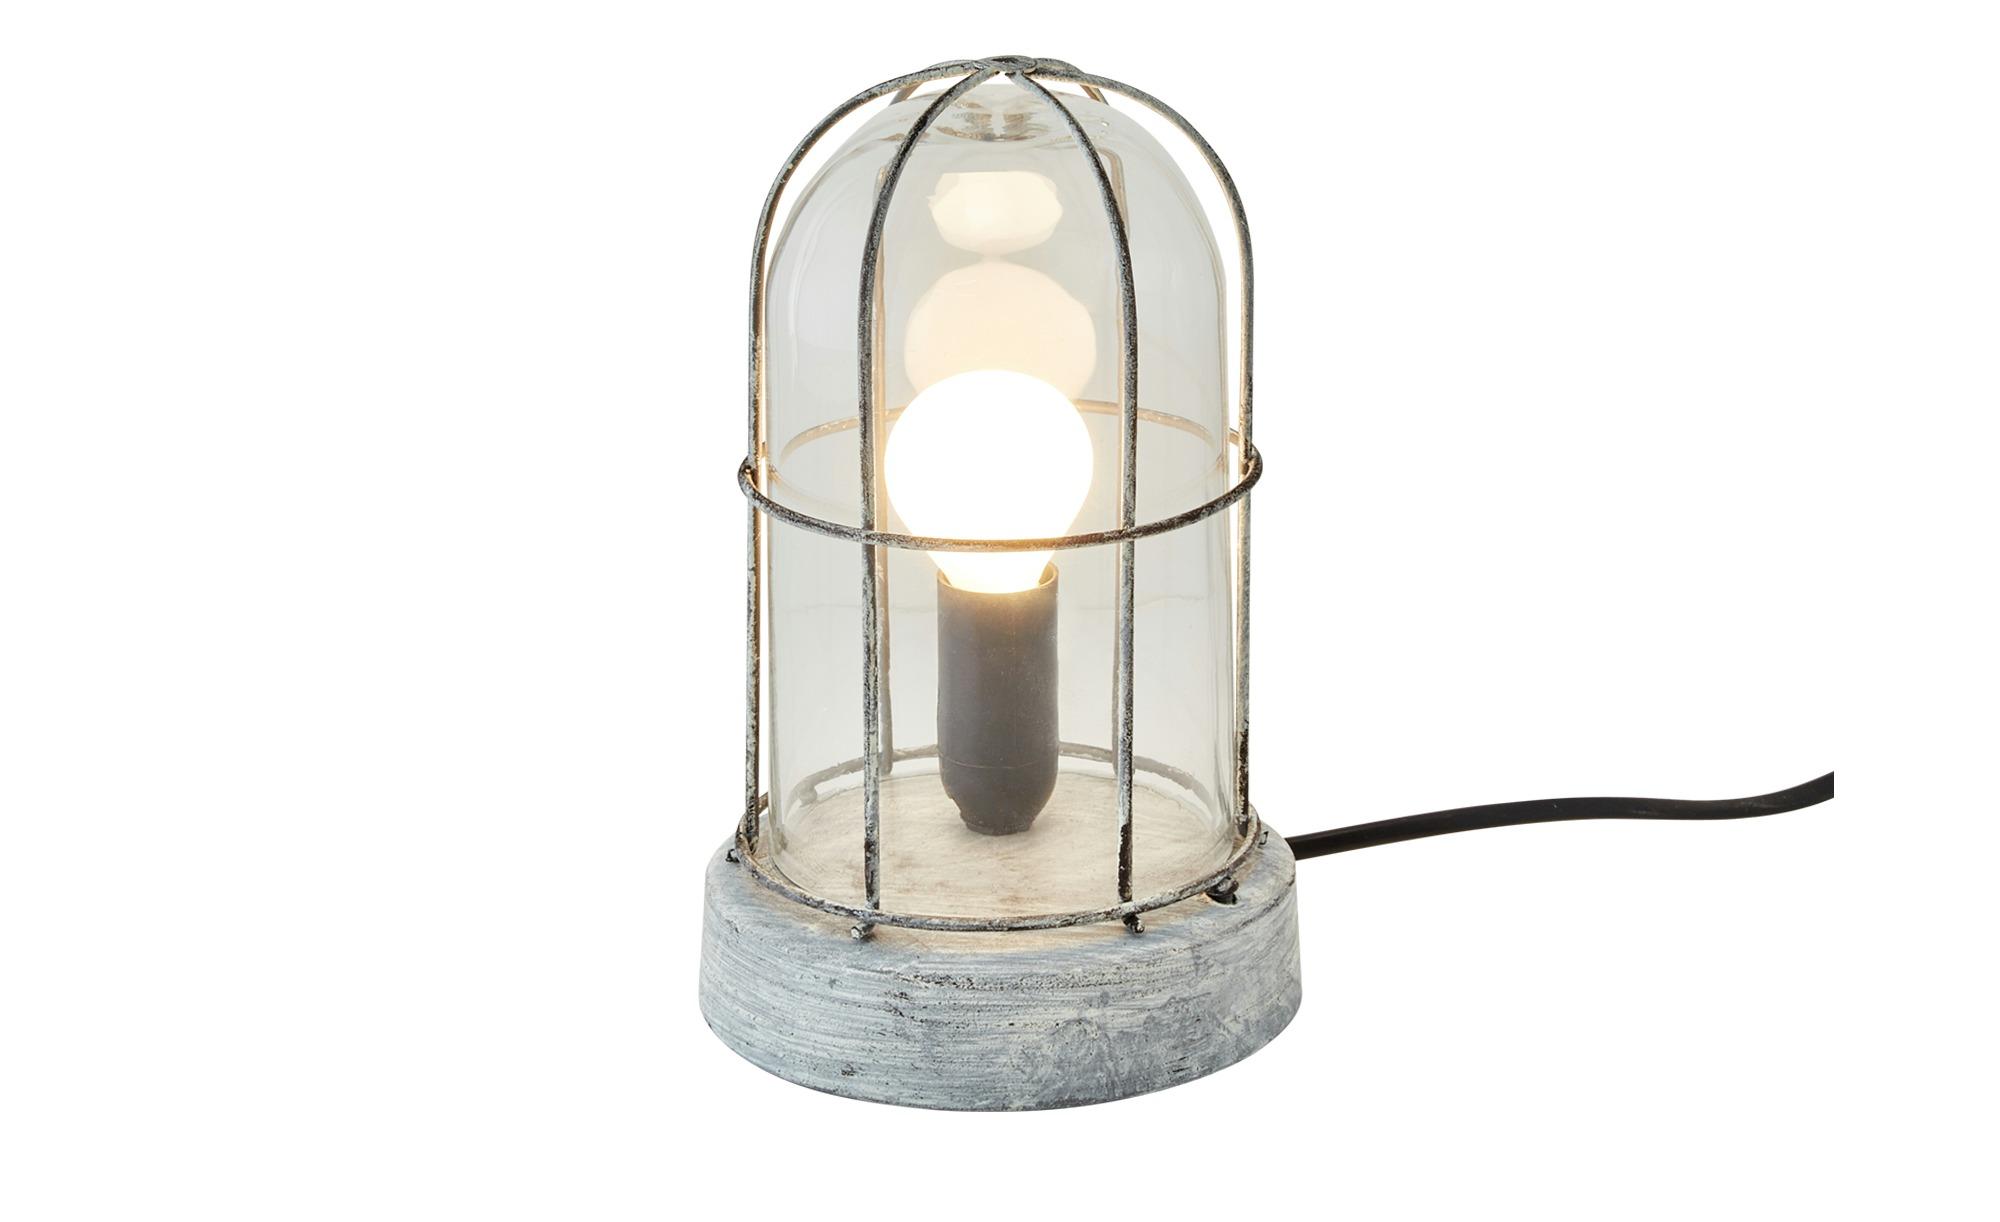 Trio Tischleuchte ¦ grau ¦ Maße (cm): H: 22 Ø: [12.5] Lampen & Leuchten > Innenleuchten > Tischlampen - Höffner